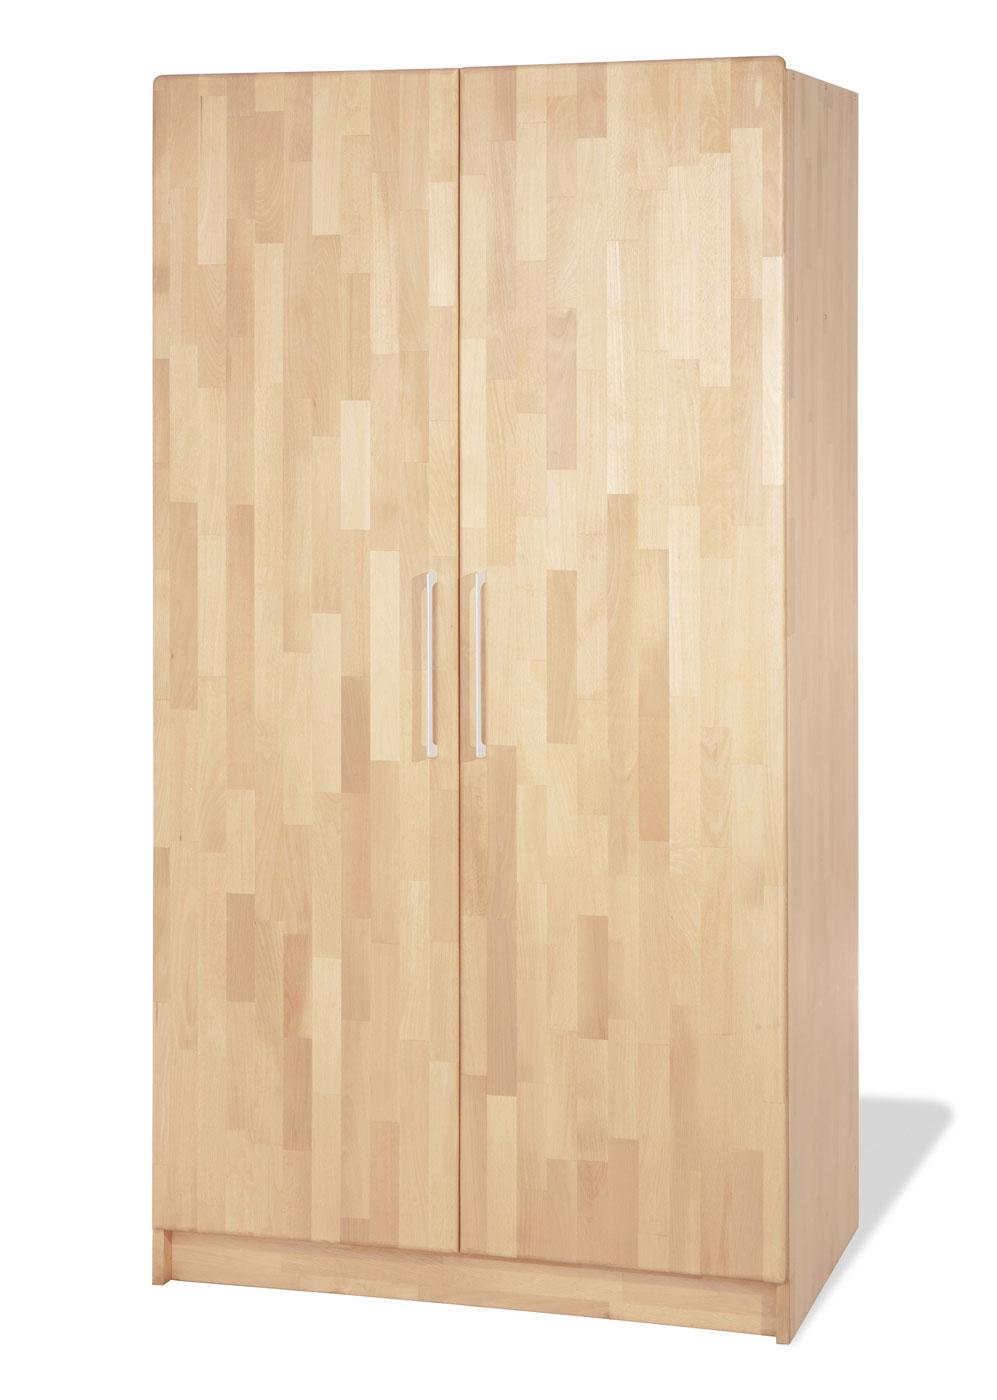 Kinder-Kleiderschrank wahlweise mit 2 oder 3 Türen - Natura | {Kinderzimmer buche 91}